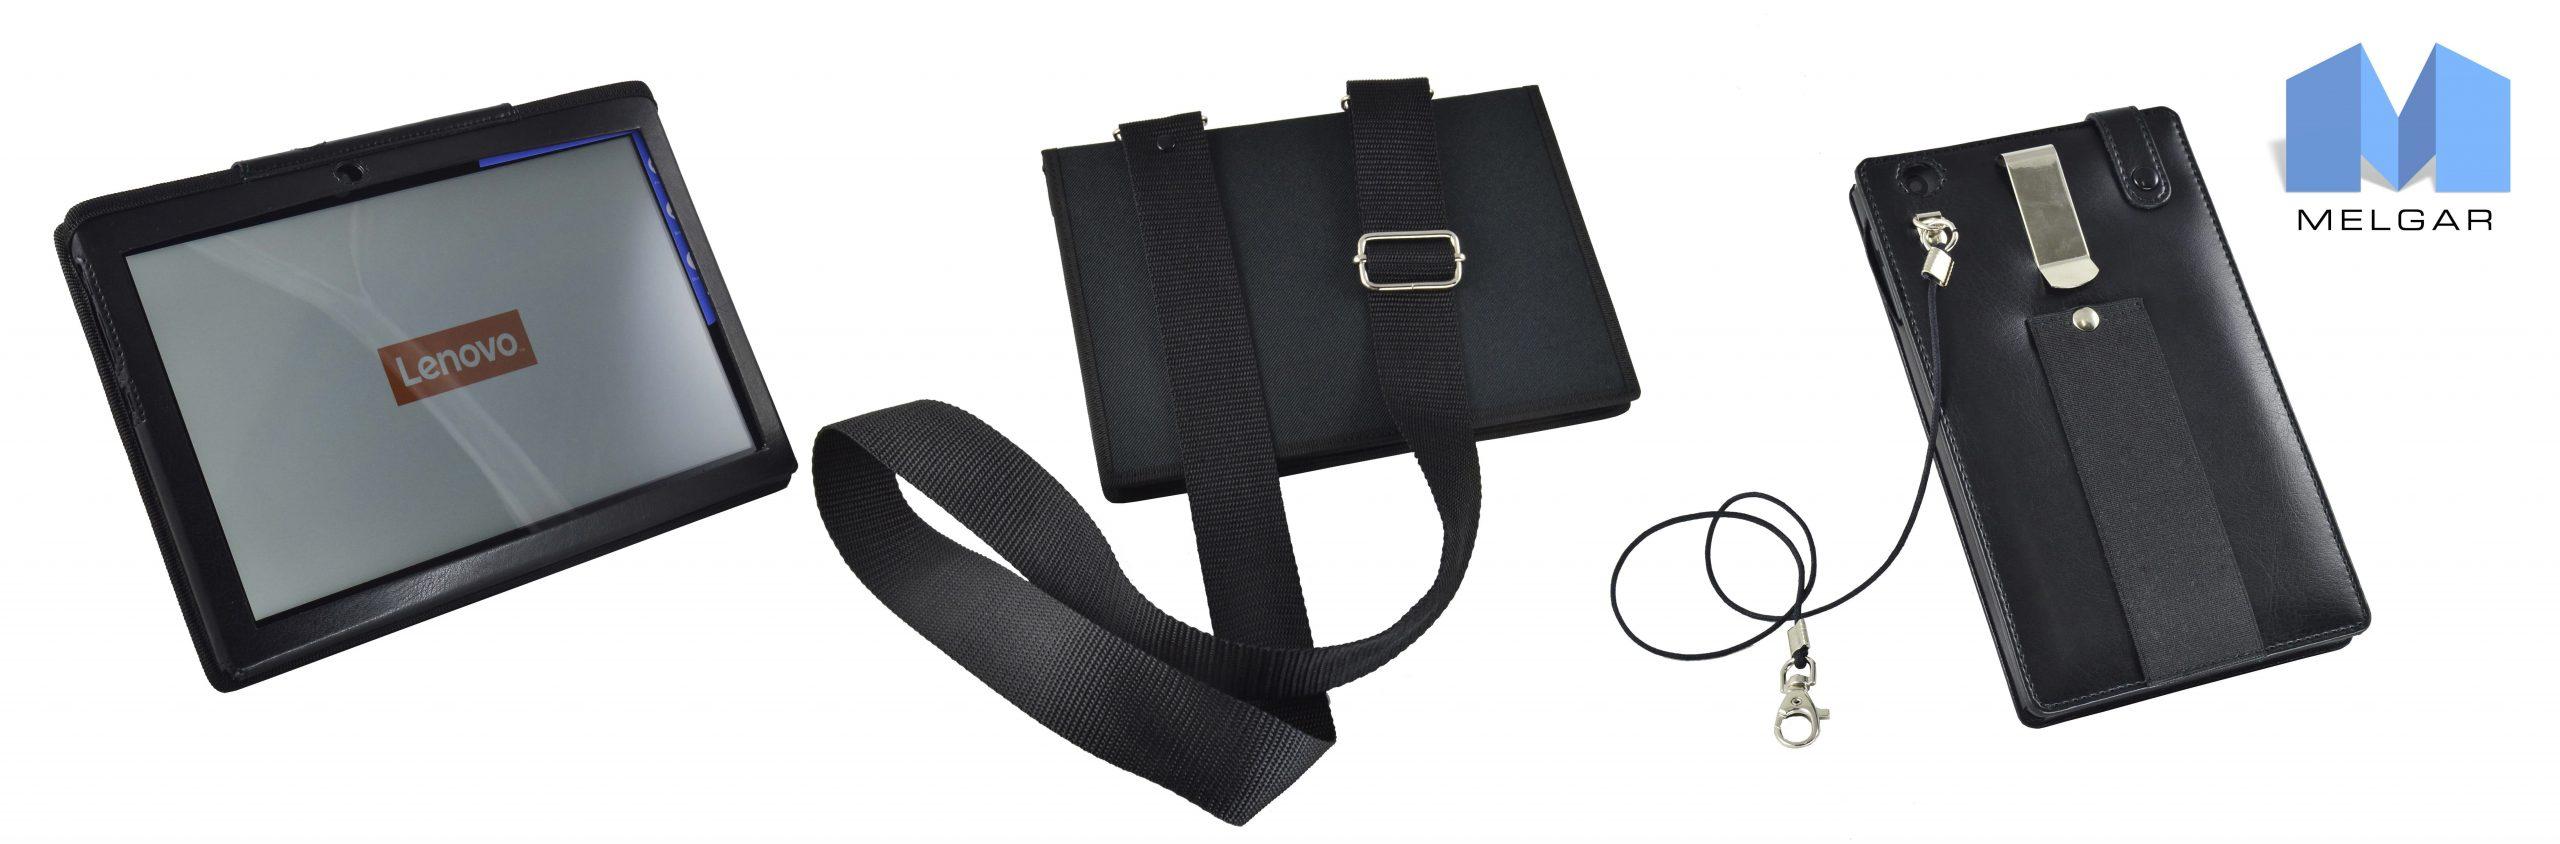 Tablet Cases Manufacturer